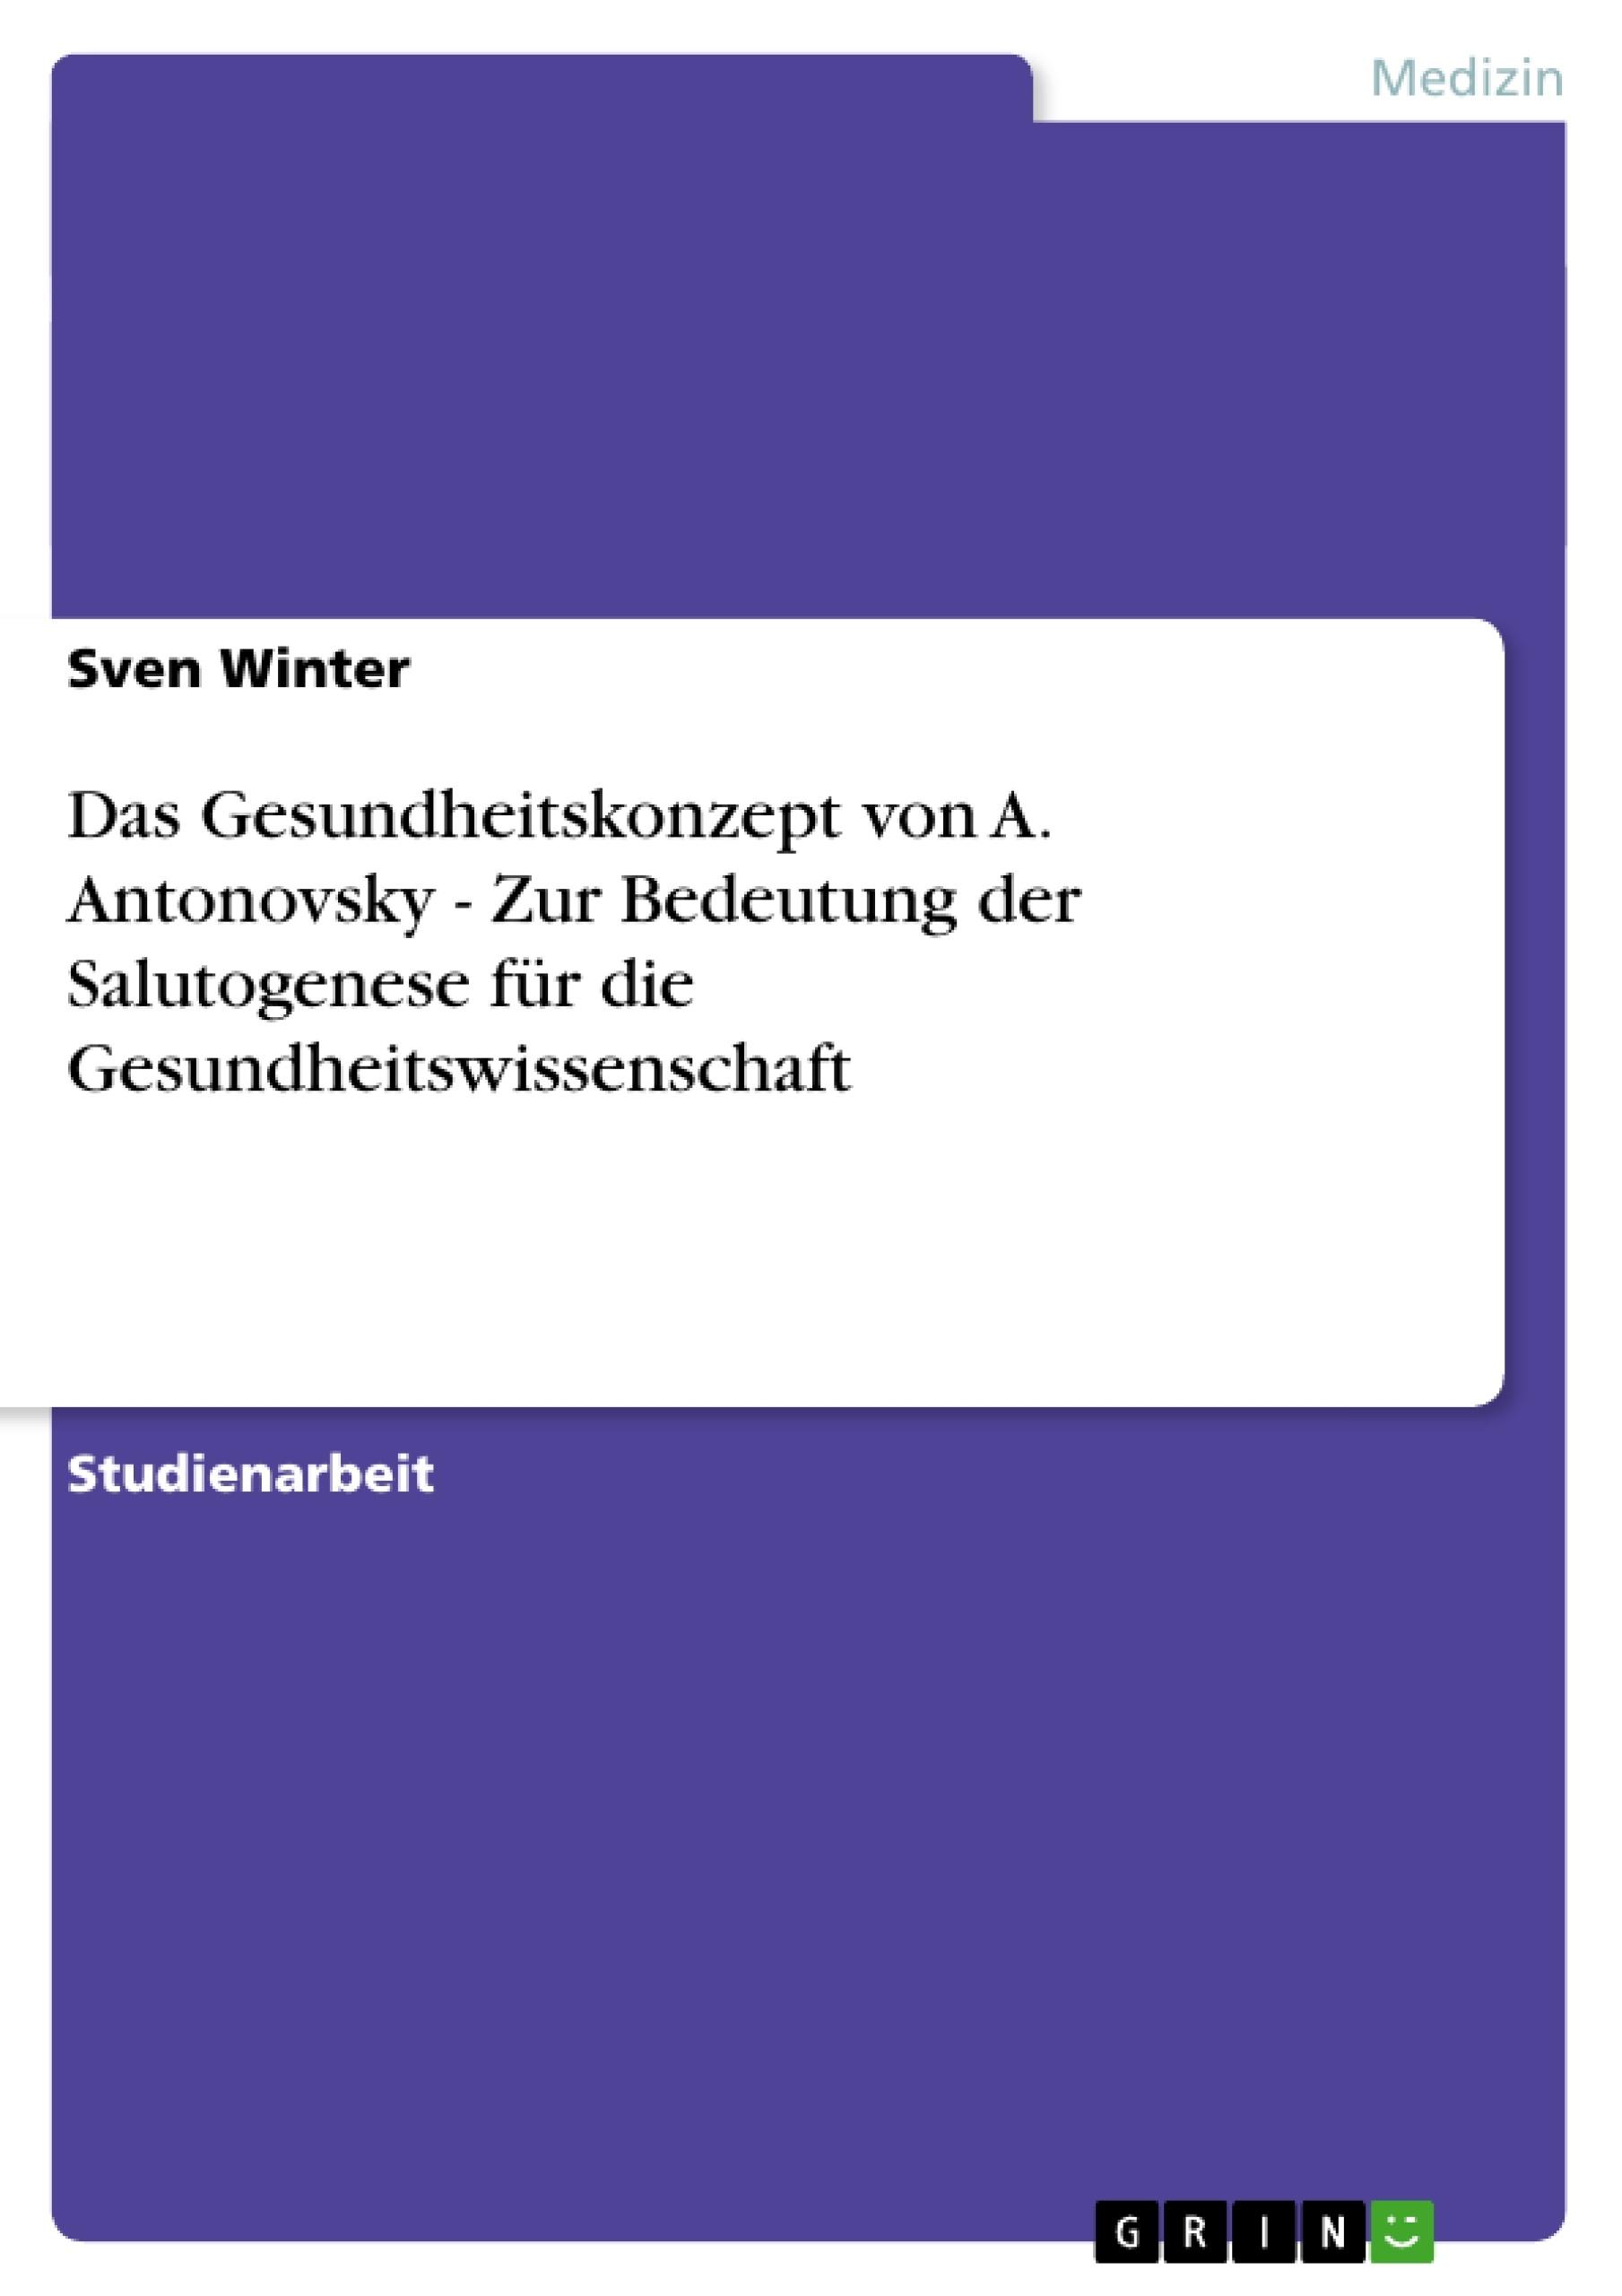 Titel: Das Gesundheitskonzept von A. Antonovsky - Zur Bedeutung der Salutogenese für die Gesundheitswissenschaft